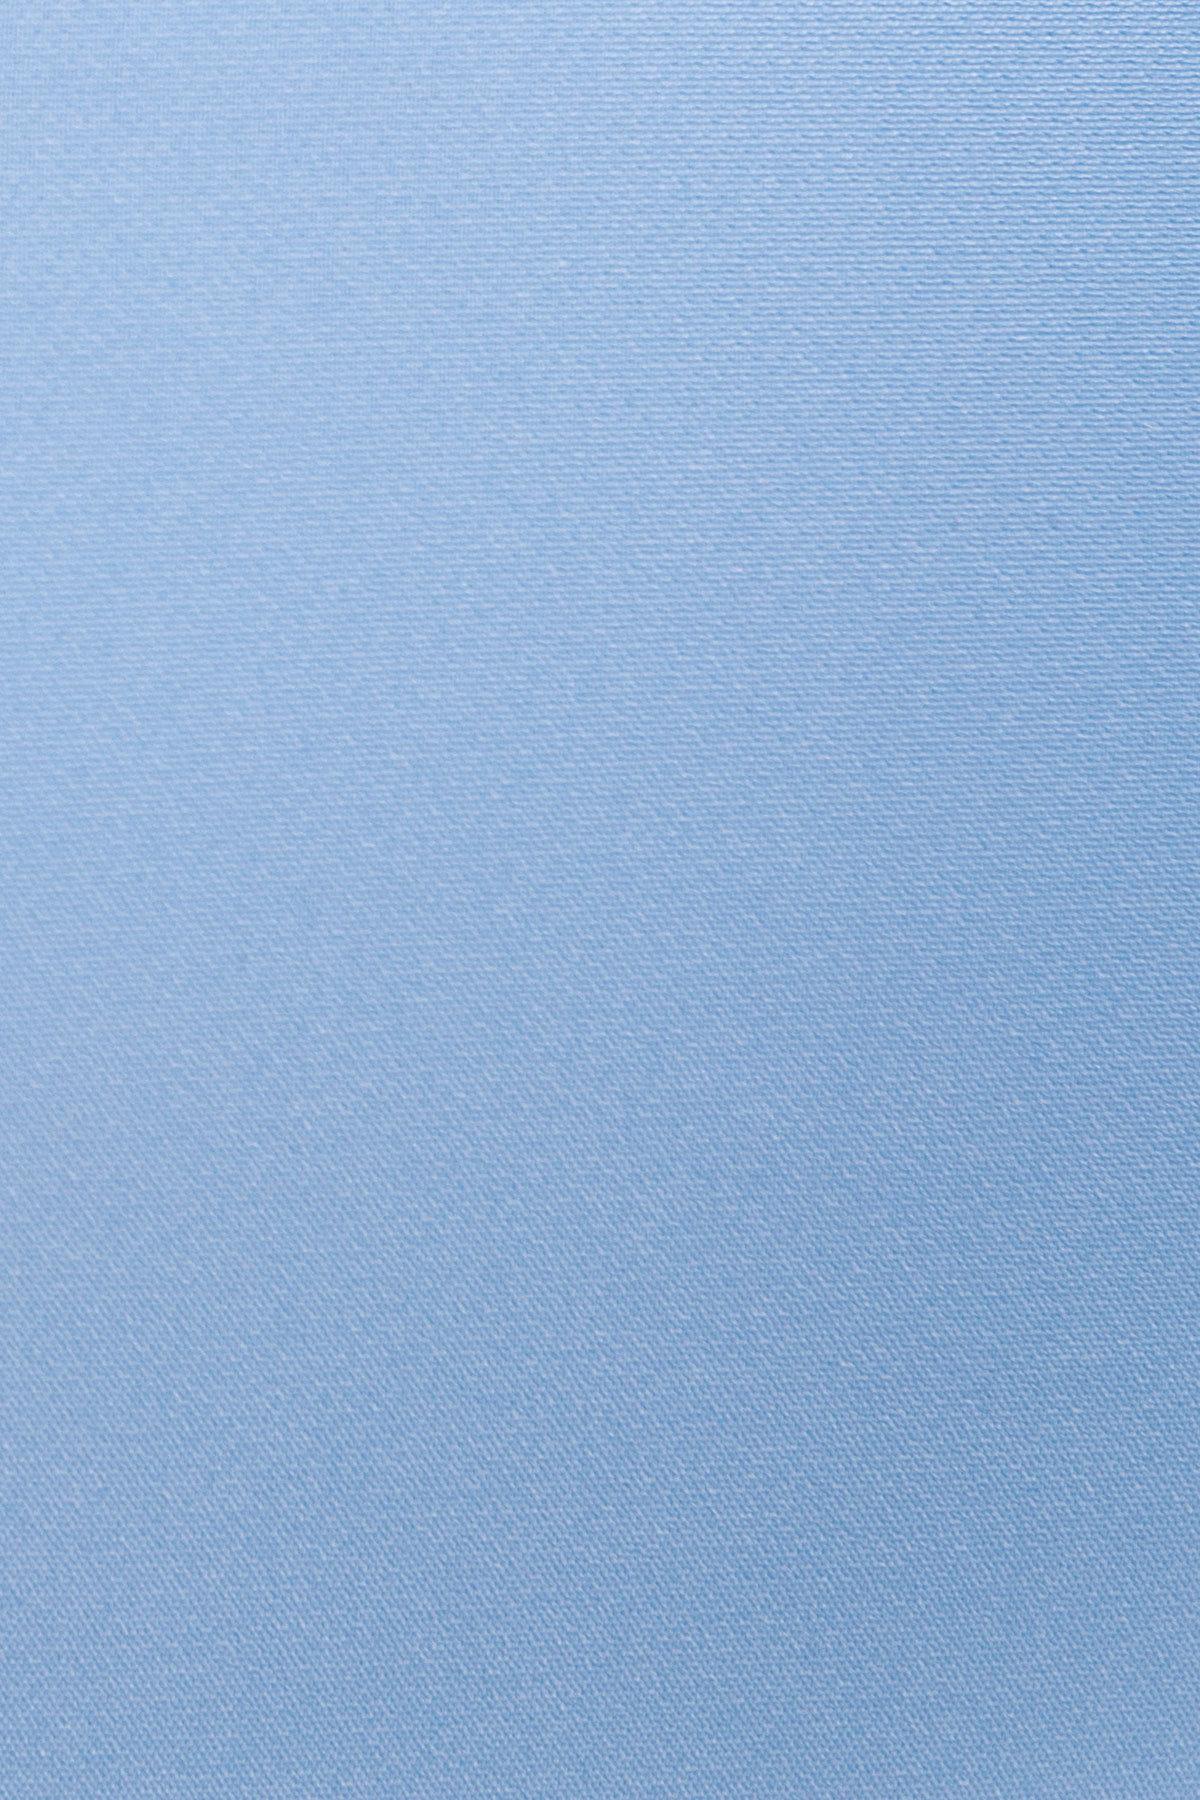 Платье Делафер 2965 Цвет: Голубой Светлый